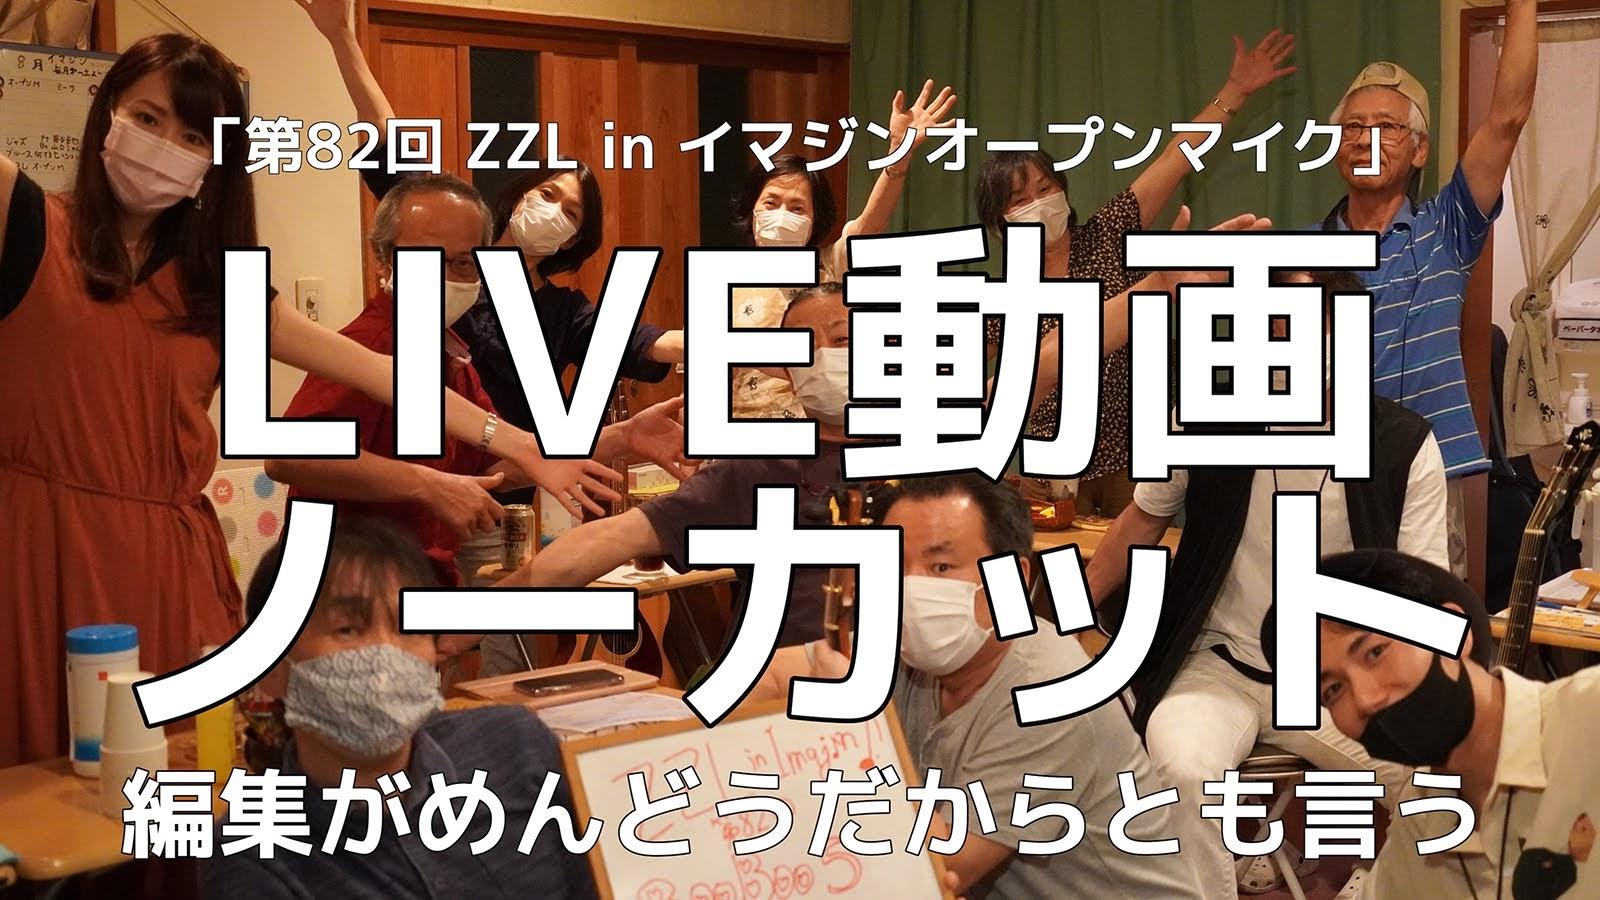 【ノーカット動画】「第82回 ZZL in イマジン」【ブリキの森(仮称)と空中都市】